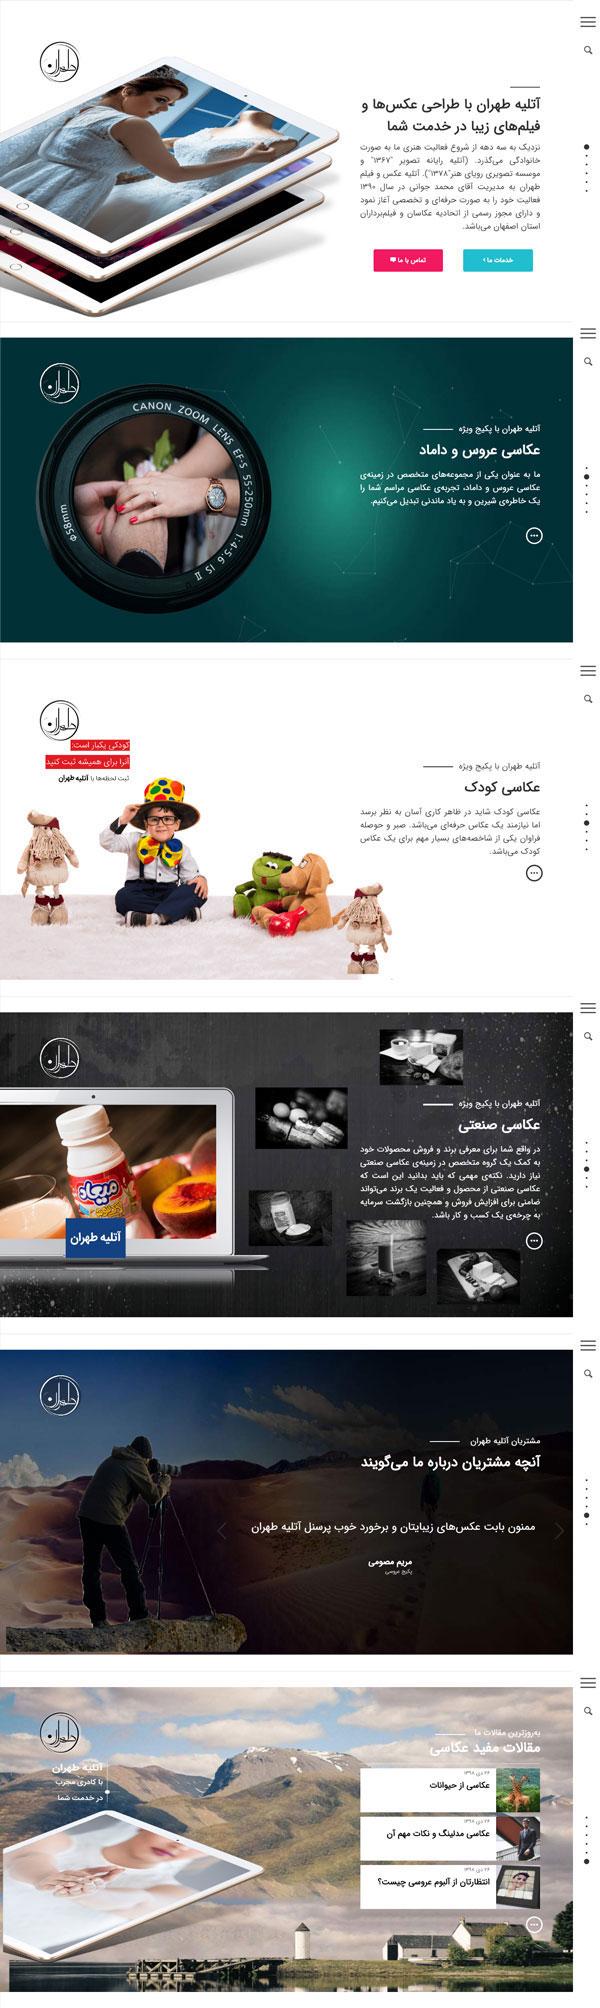 طراحی سایت آتلیه طهران | خدمات عکاسی و فیلمبرداری